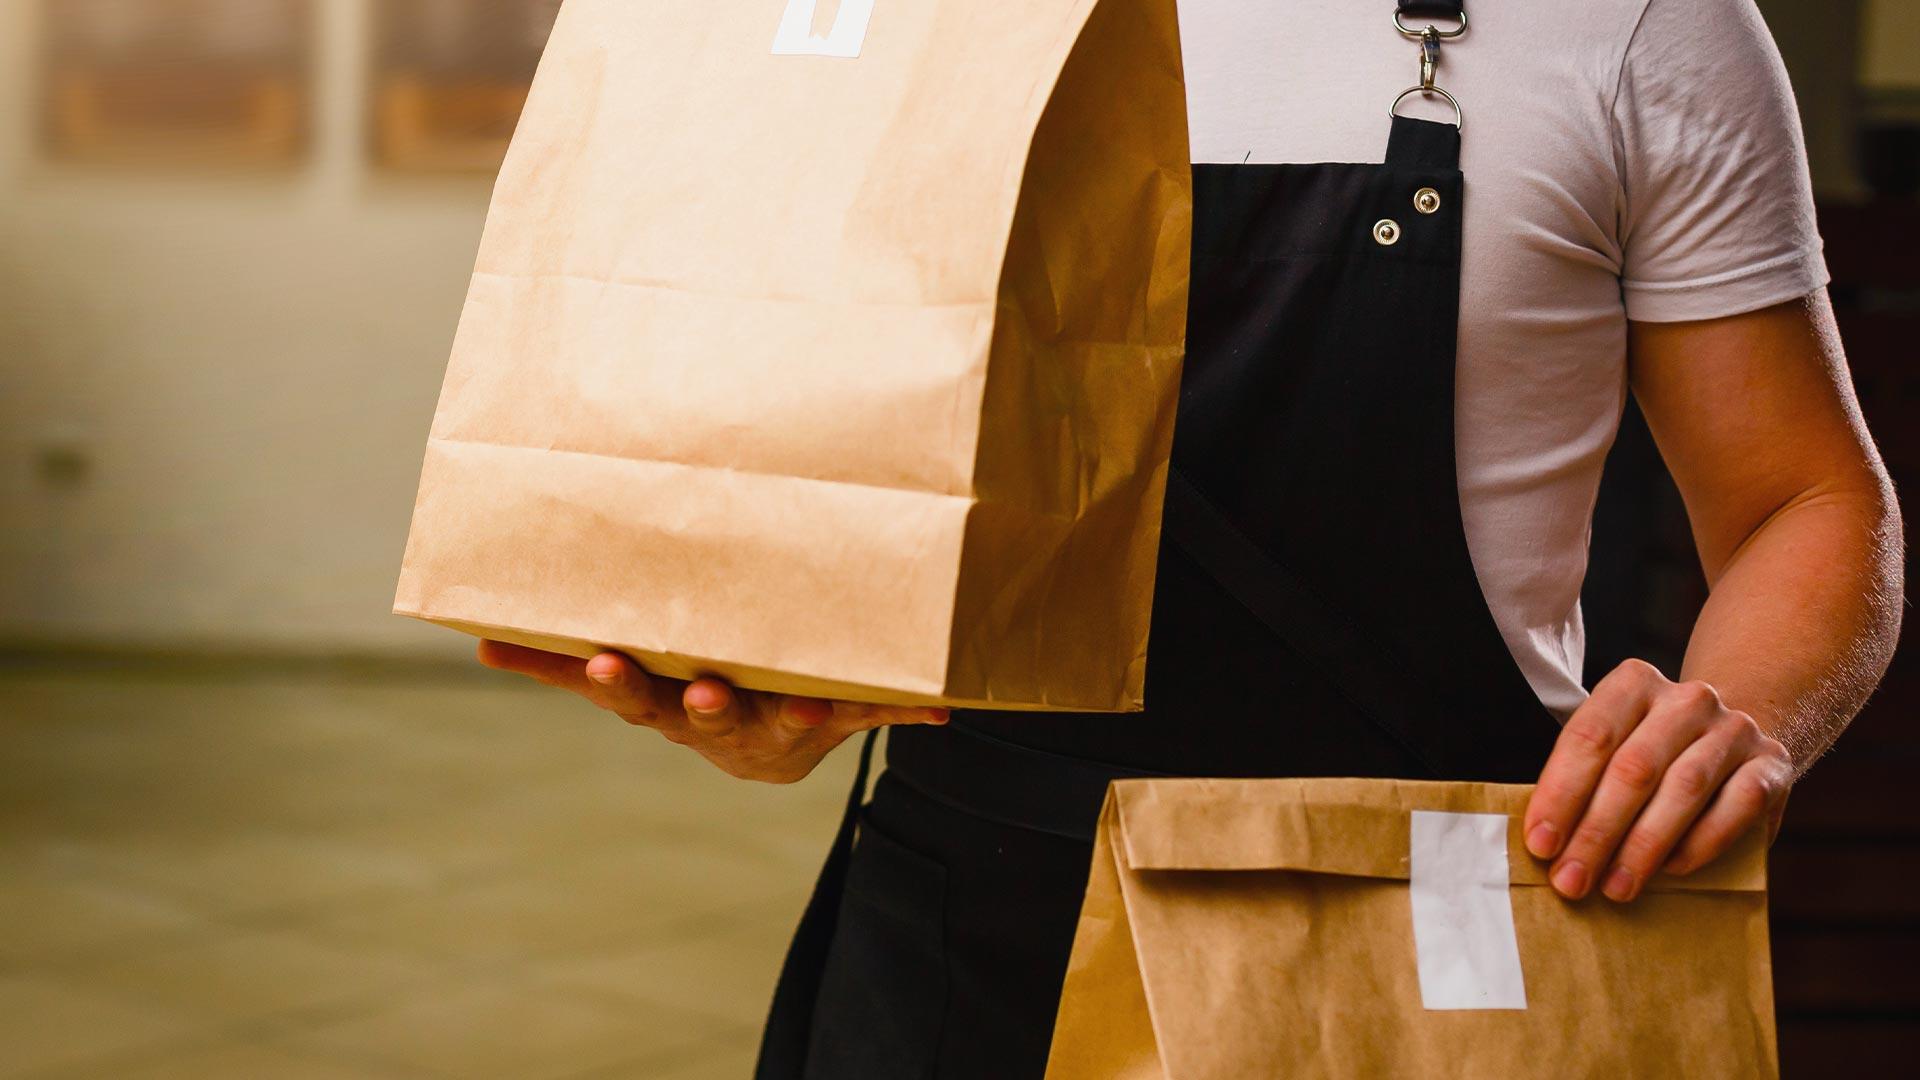 6-astuces-faire-revenir-client-commerce-local-covid-19-adapter-son-offre